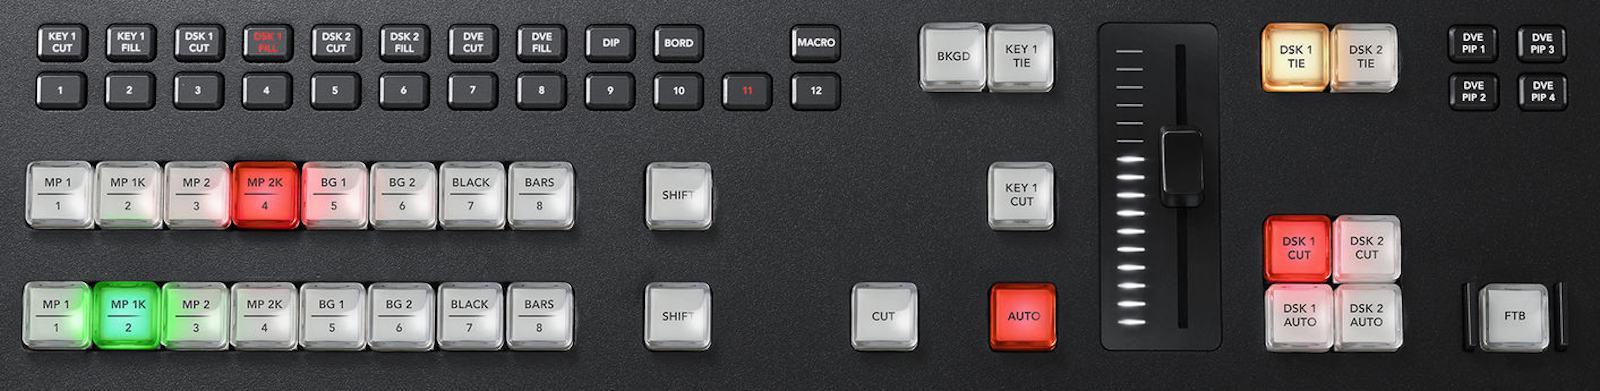 ATEM 4K Switcher